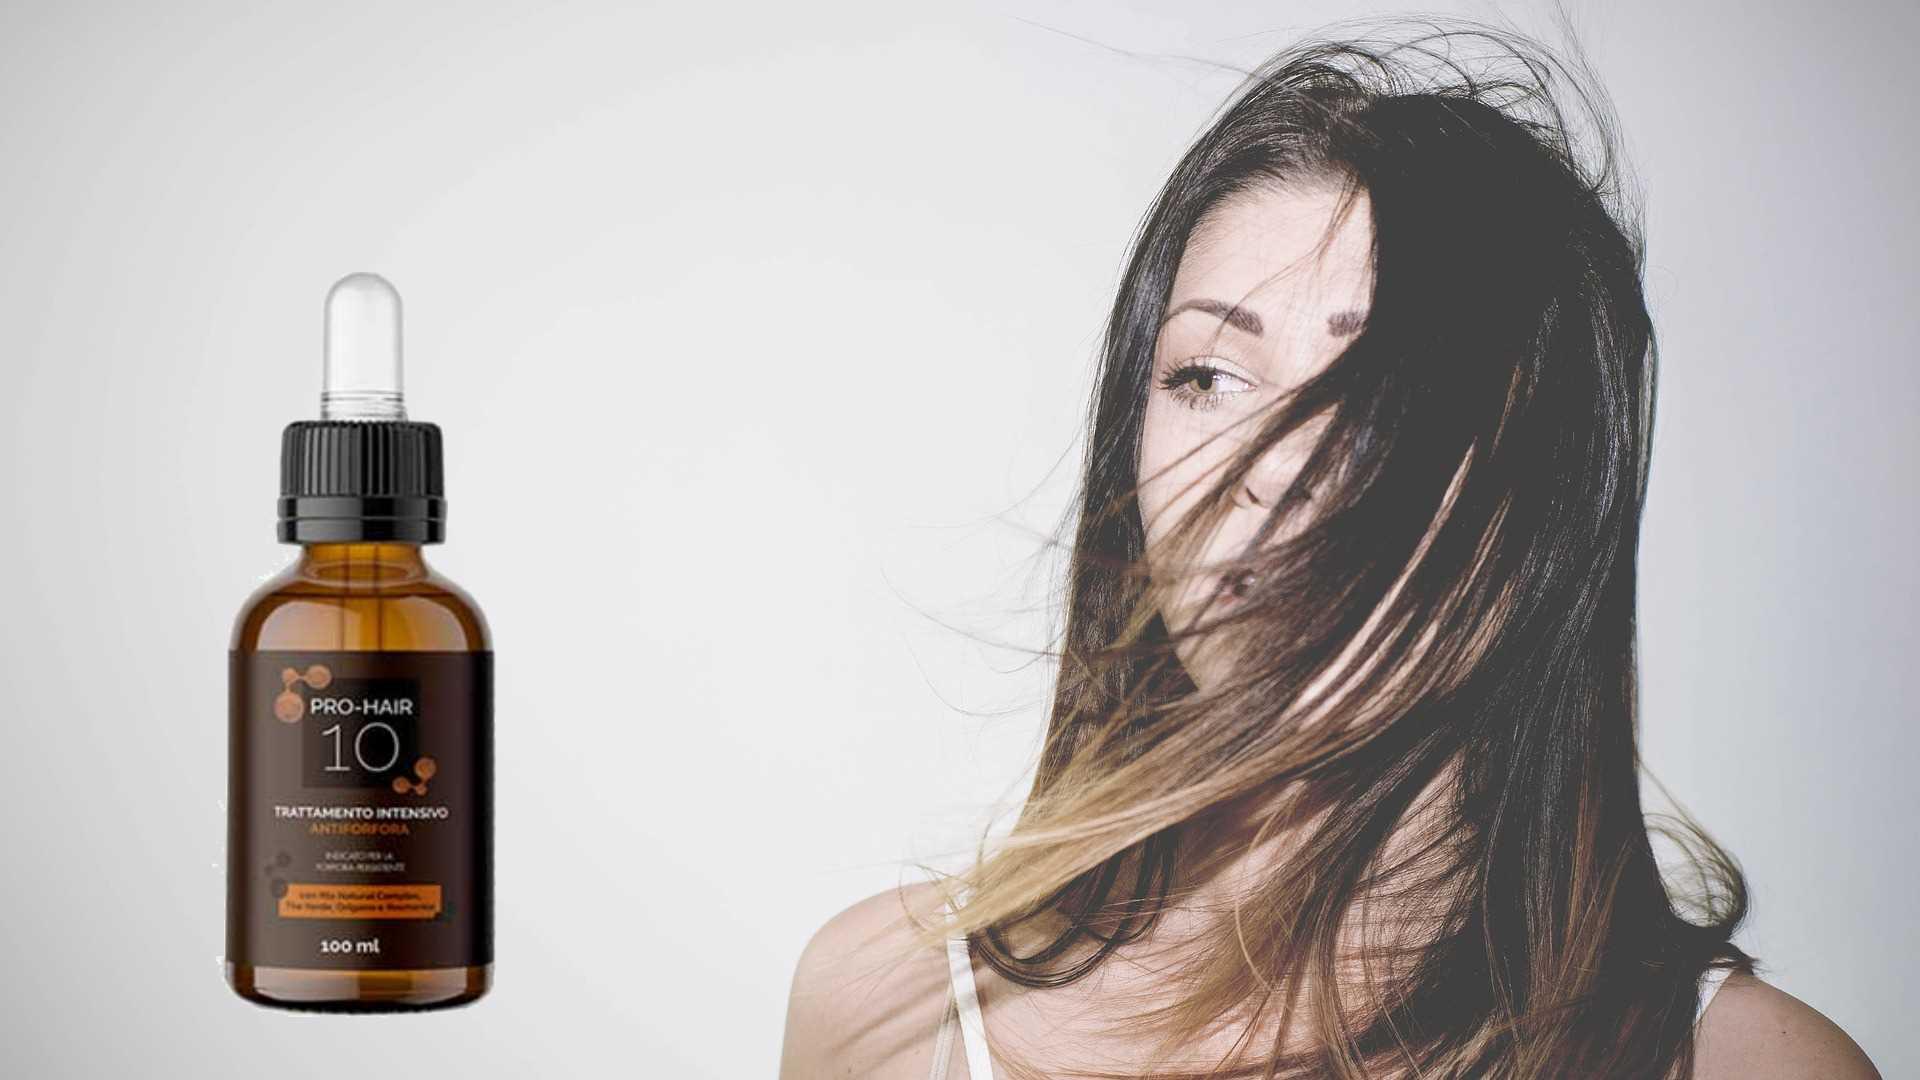 Pro Hair 10 lozione antiforfora: efficacia e igiene per i tuoi capelli